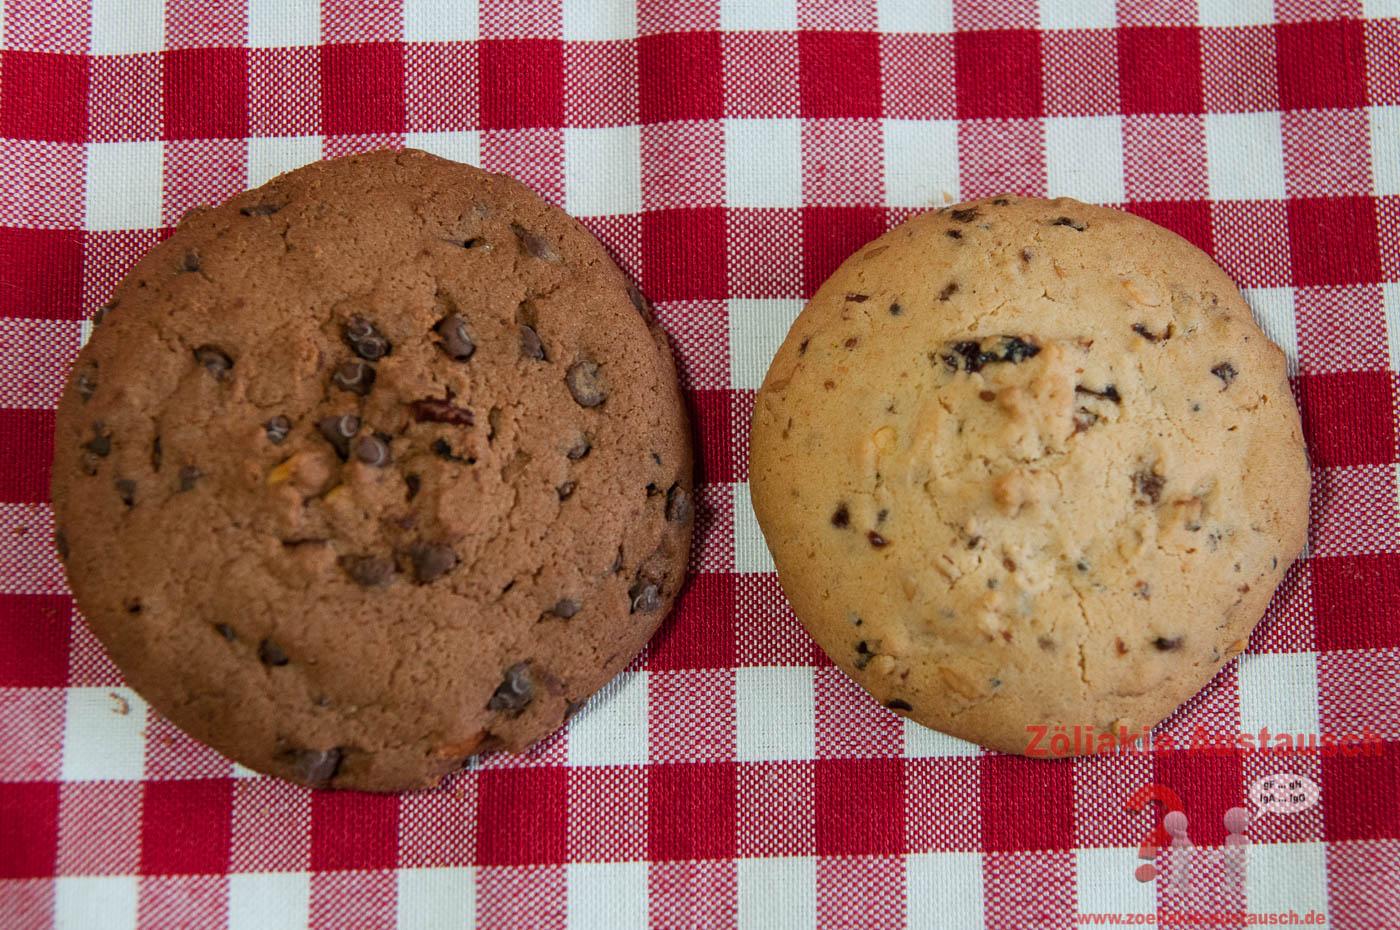 Zoeliakie_Austausch_Sommer_Cookies-013